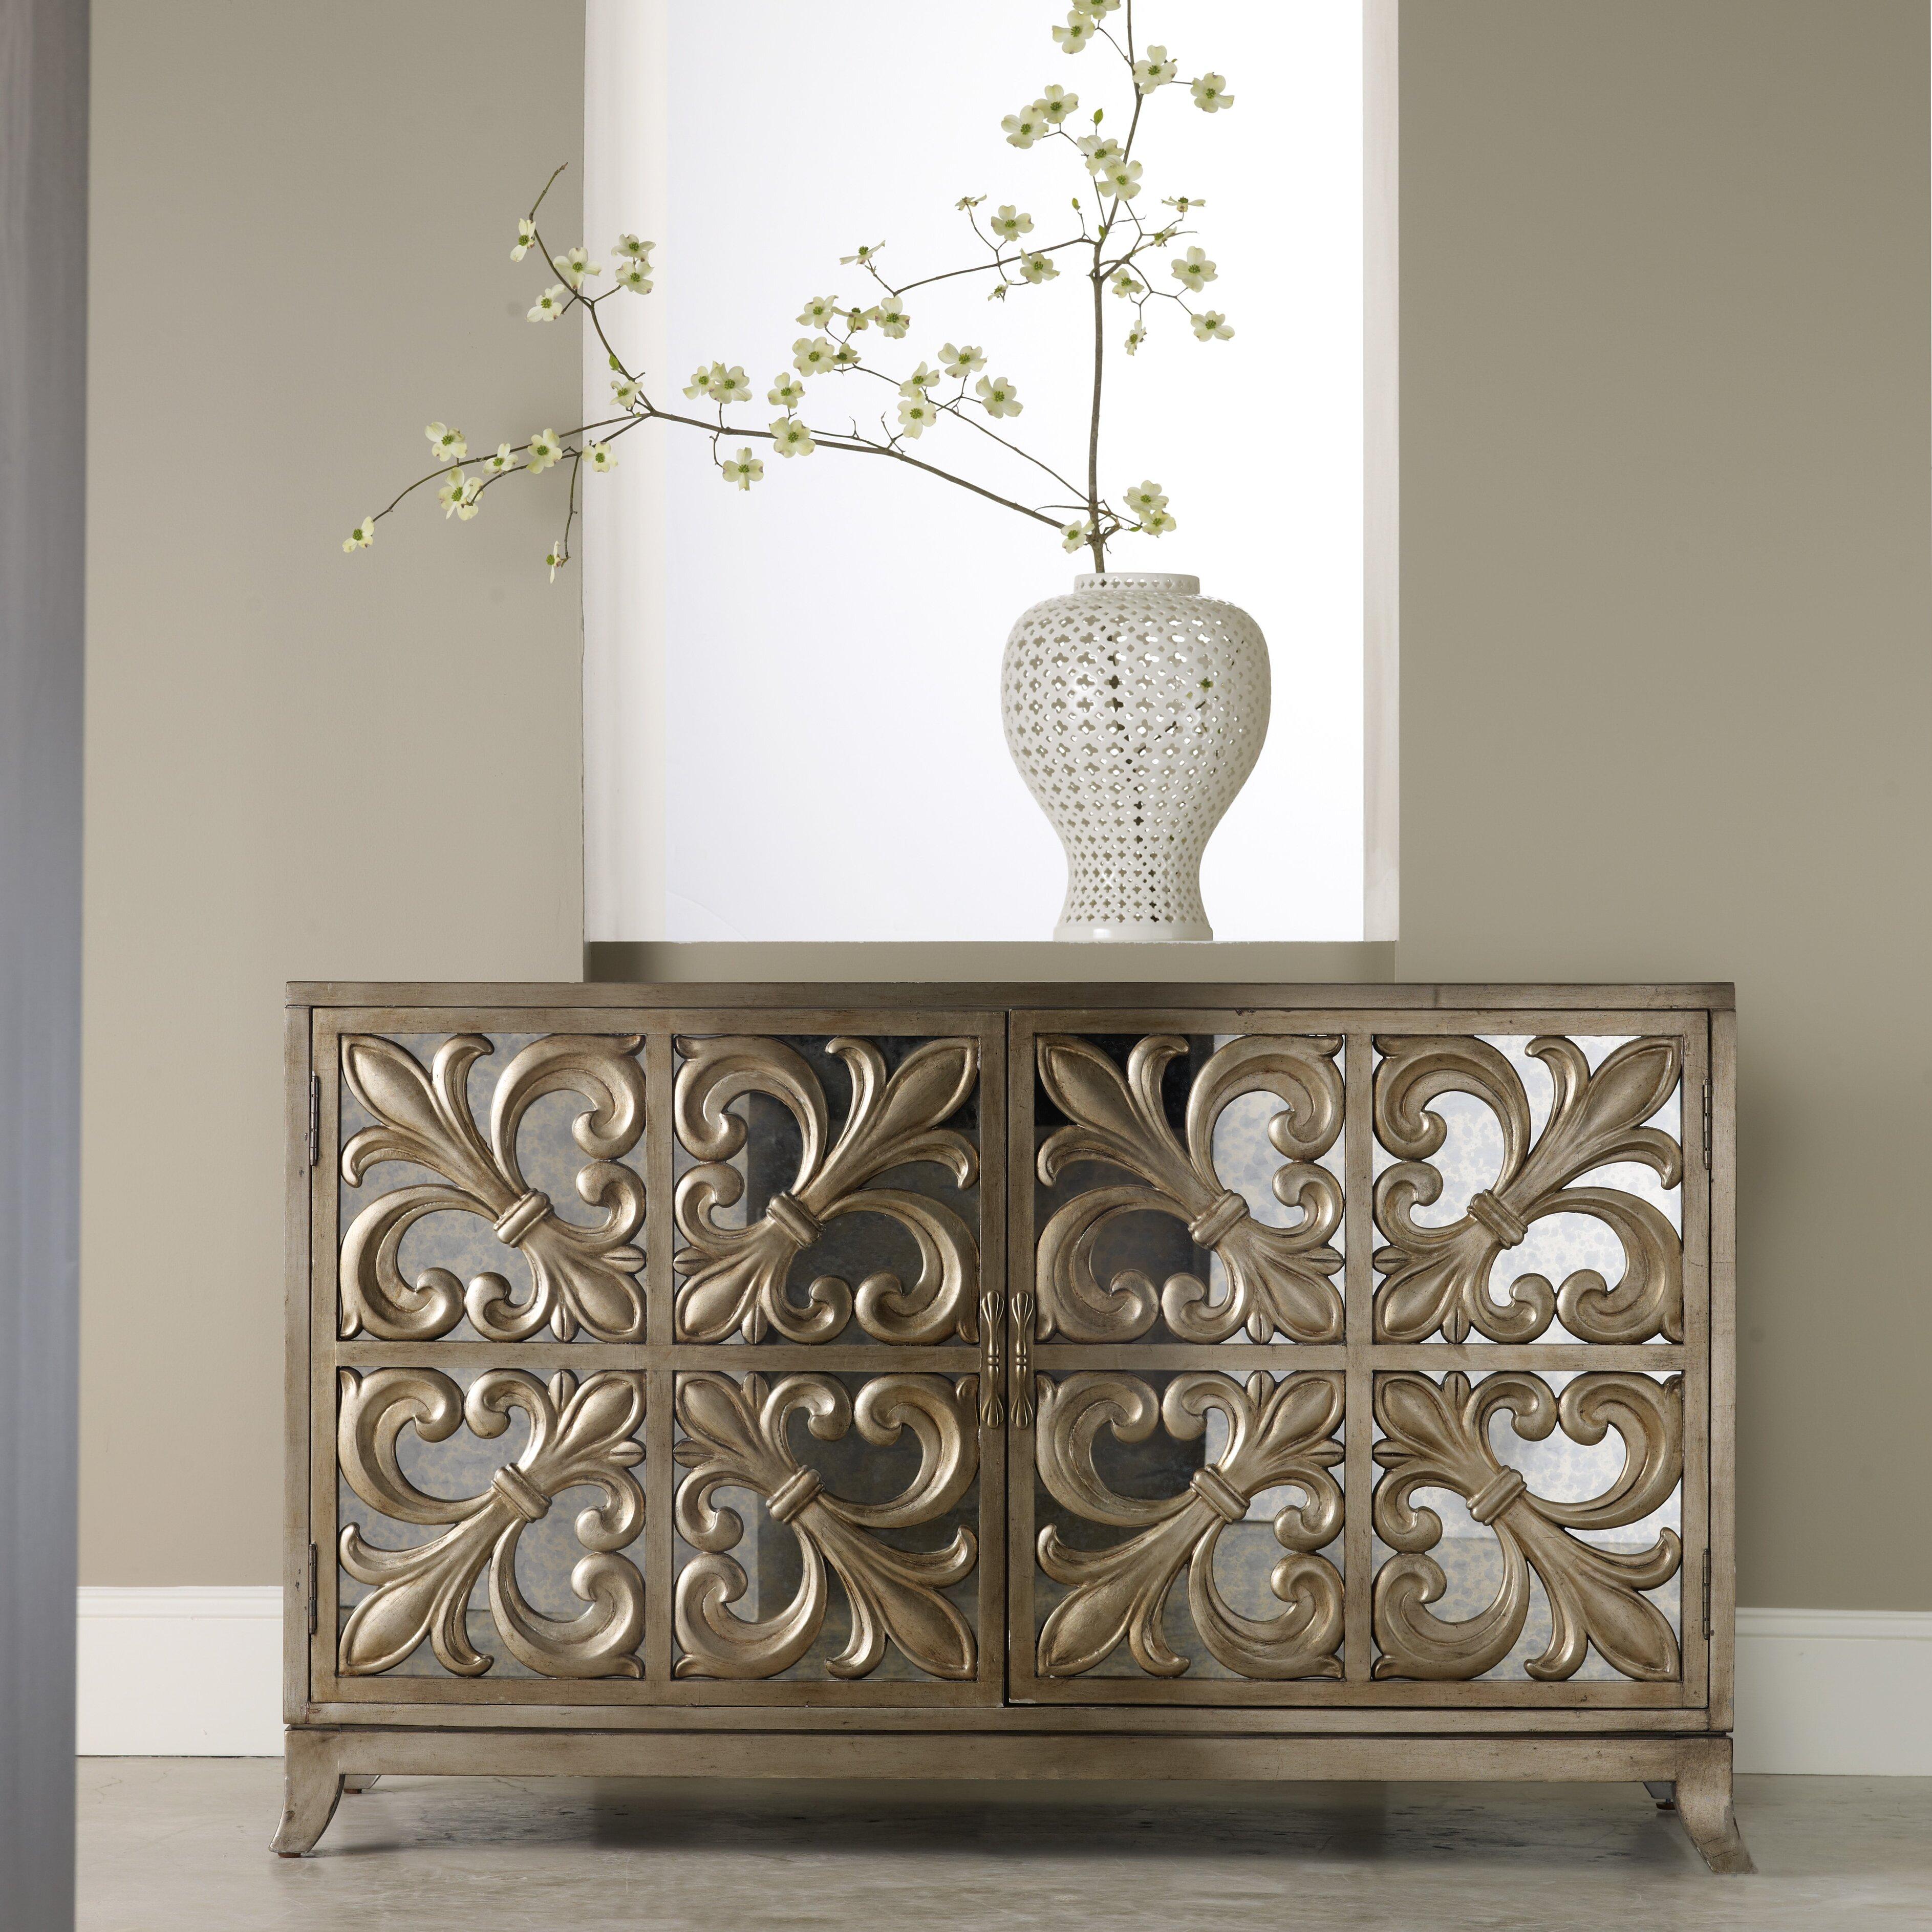 Hooker Furniture Melange Fleur de lis Mirrored Credenza